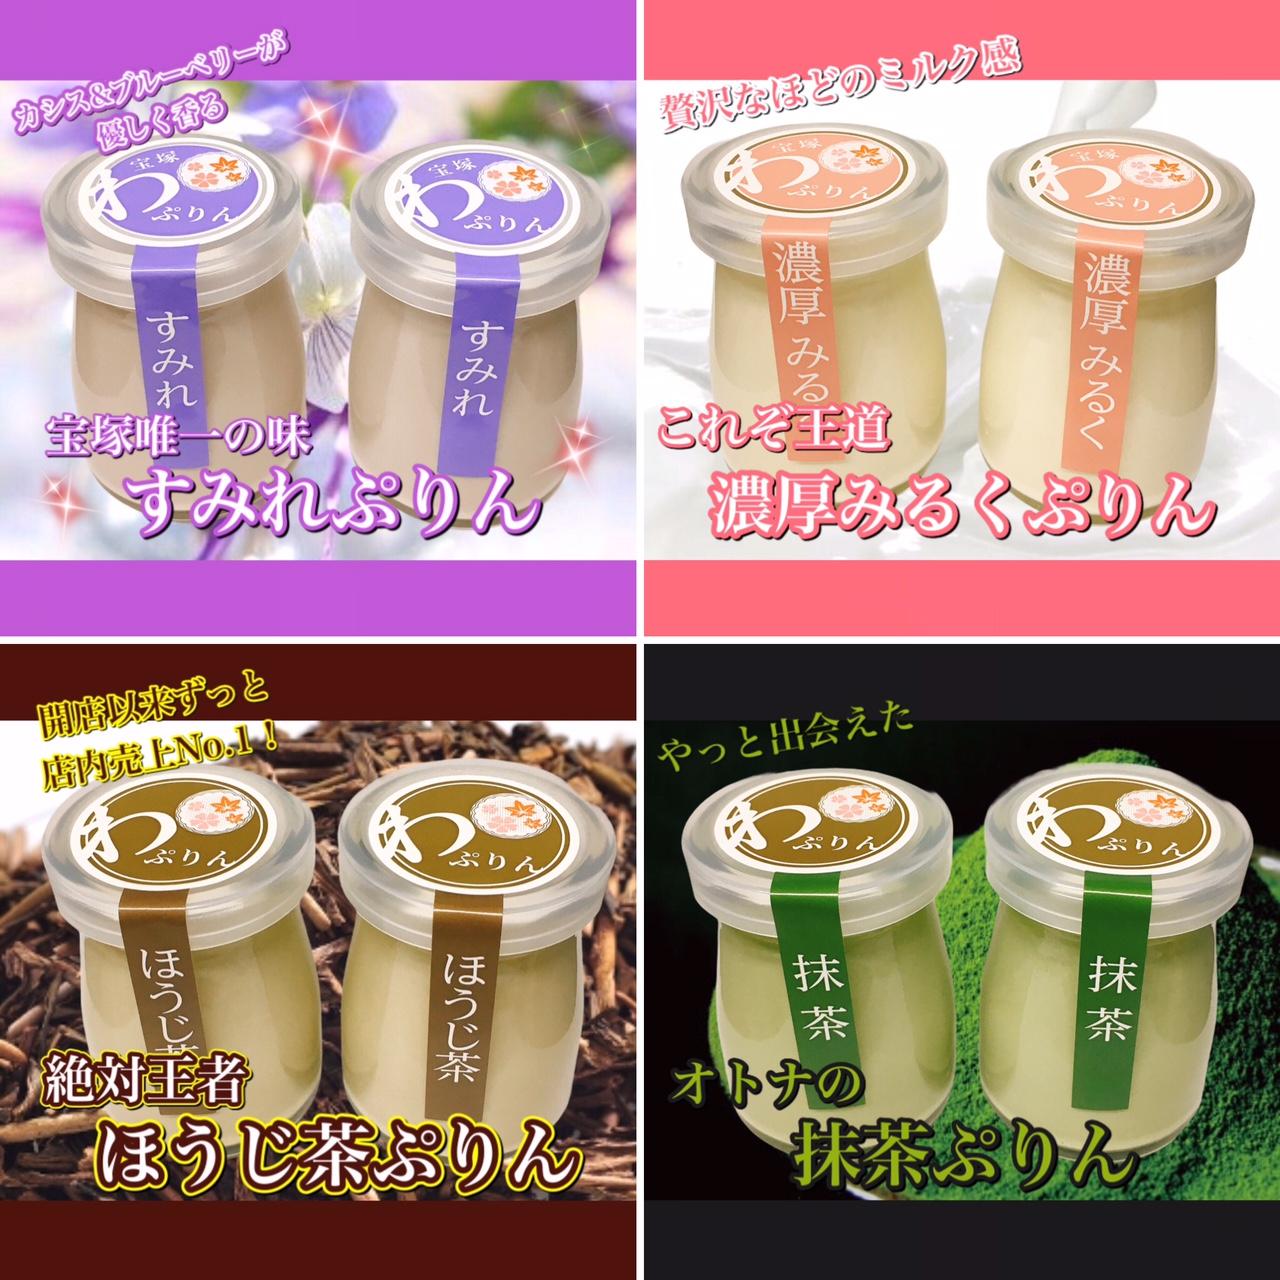 食べ比べバラエティーセット(すみれ・ほうじ茶・抹茶・濃厚みるく 各1個ずつ 合計4個入り)(冷蔵発送)